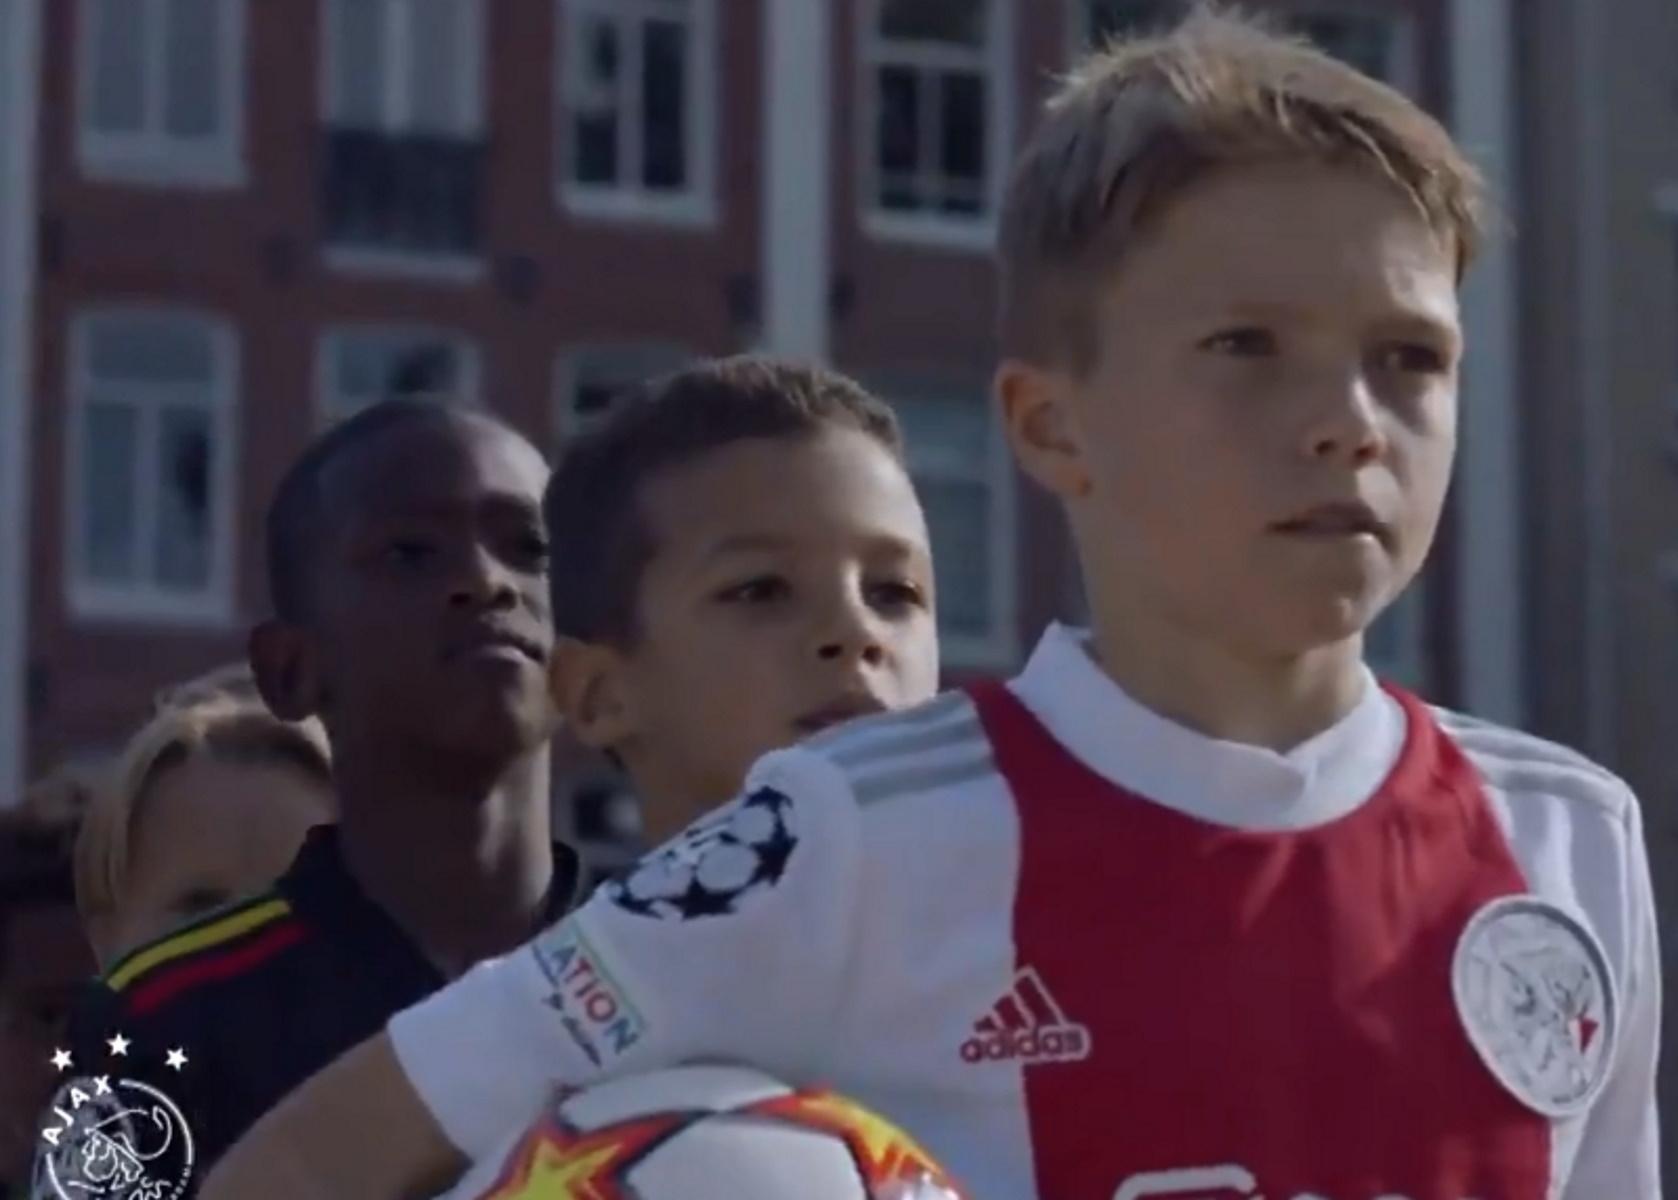 Ο Άγιαξ «δείχνει» το μέλλον και συγκινεί – Από τις «αλάνες» στο Champions League